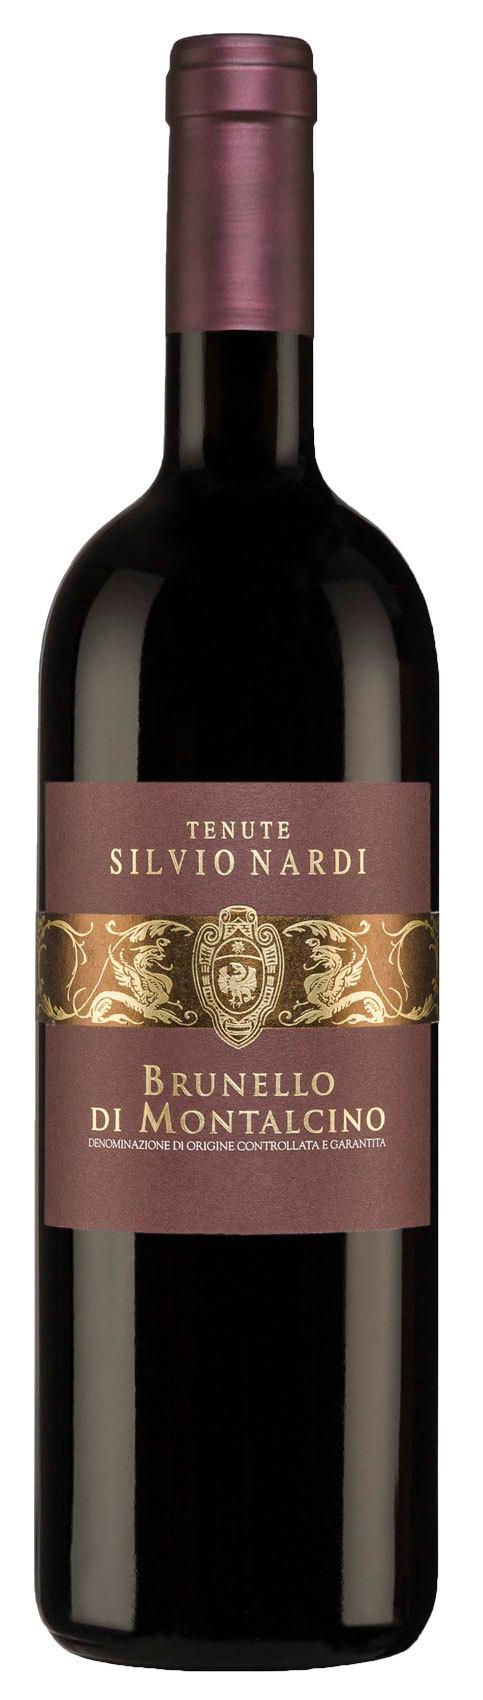 2013 Brunello di Montalcino, Tenute Silvio Nardi